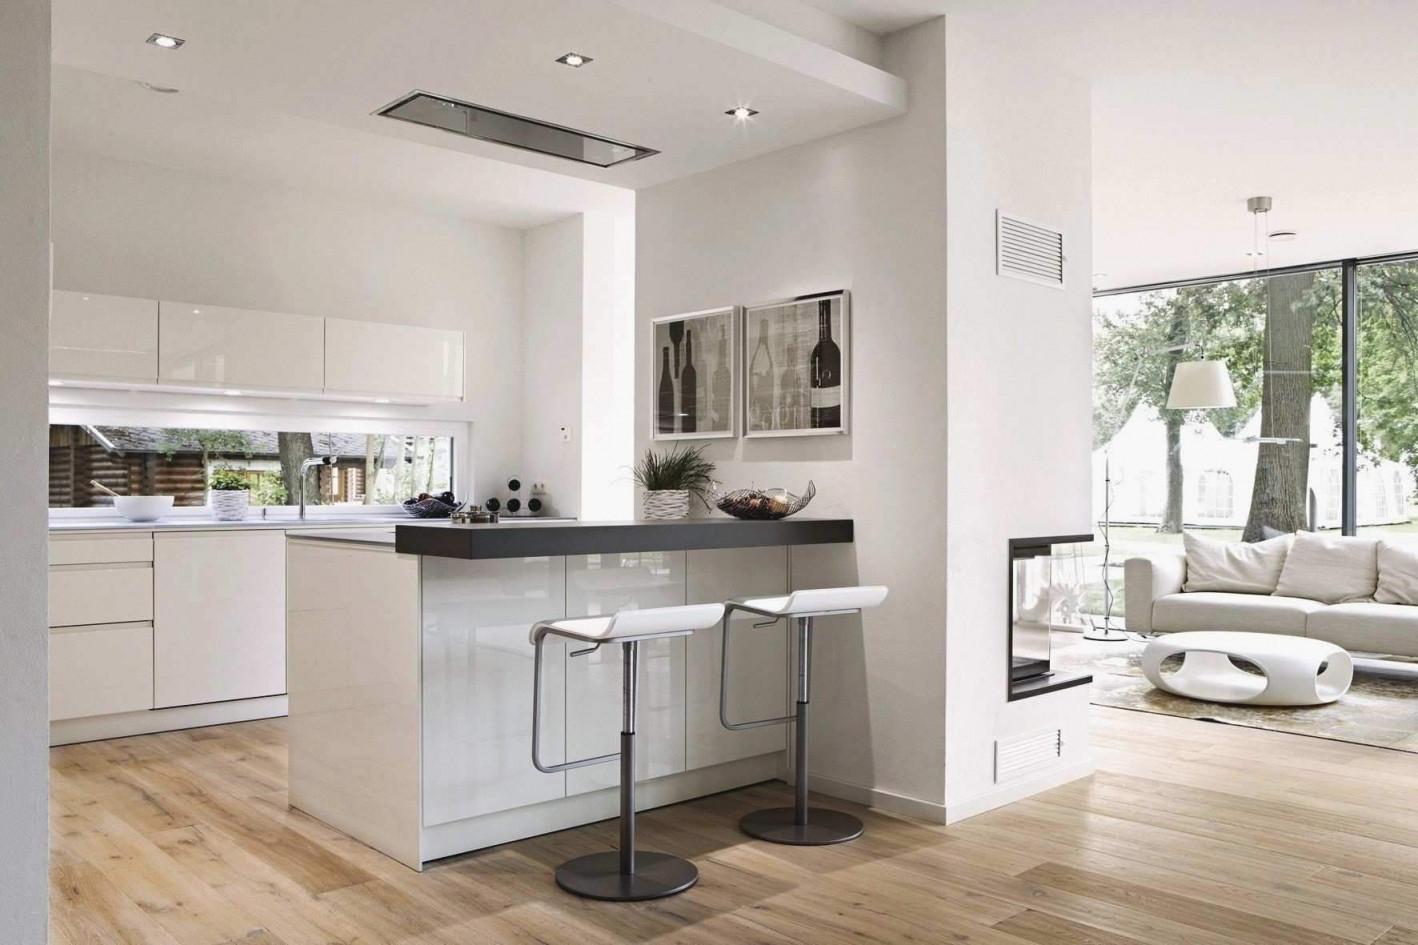 37 Frisch Offene Küche Esszimmer Wohnzimmer Luxus von Wohnzimmer Mit Offener Küche Bilder Bild